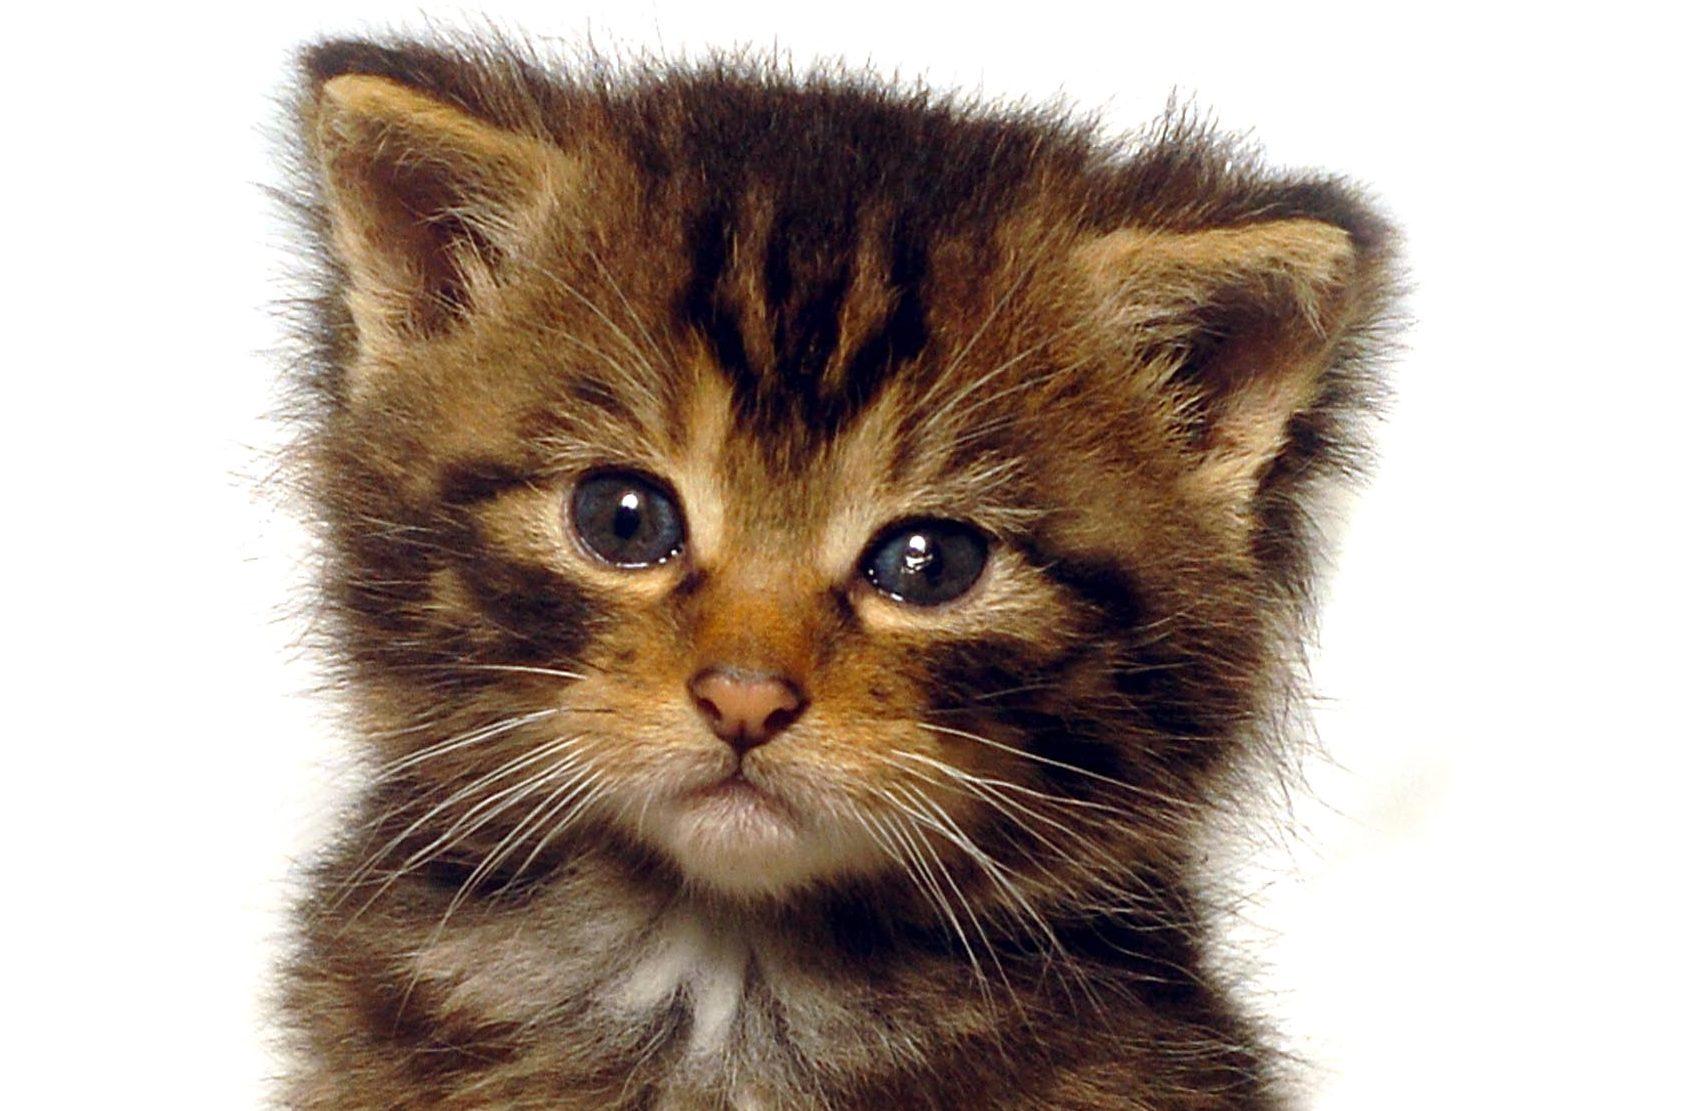 A Scots wildcat kitten